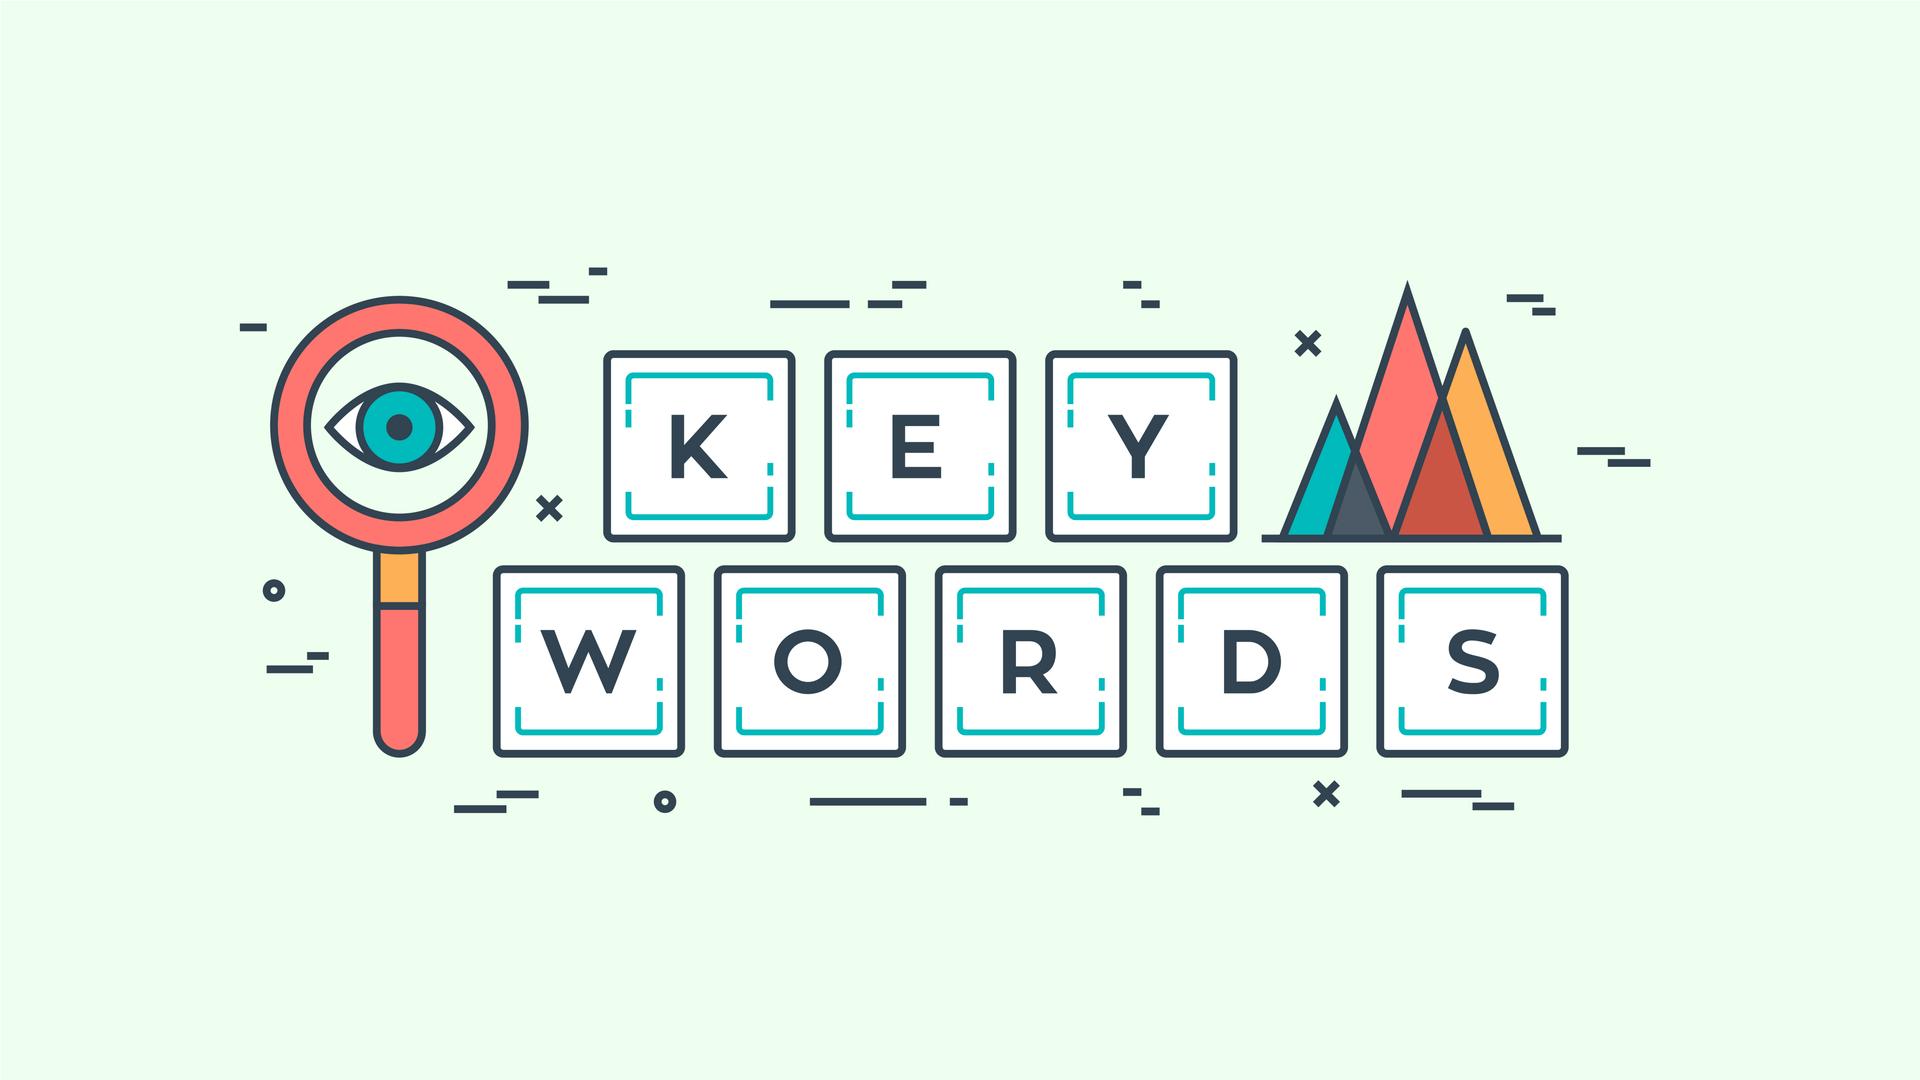 Τελειοποίηση των φράσεων-κλειδιά σας